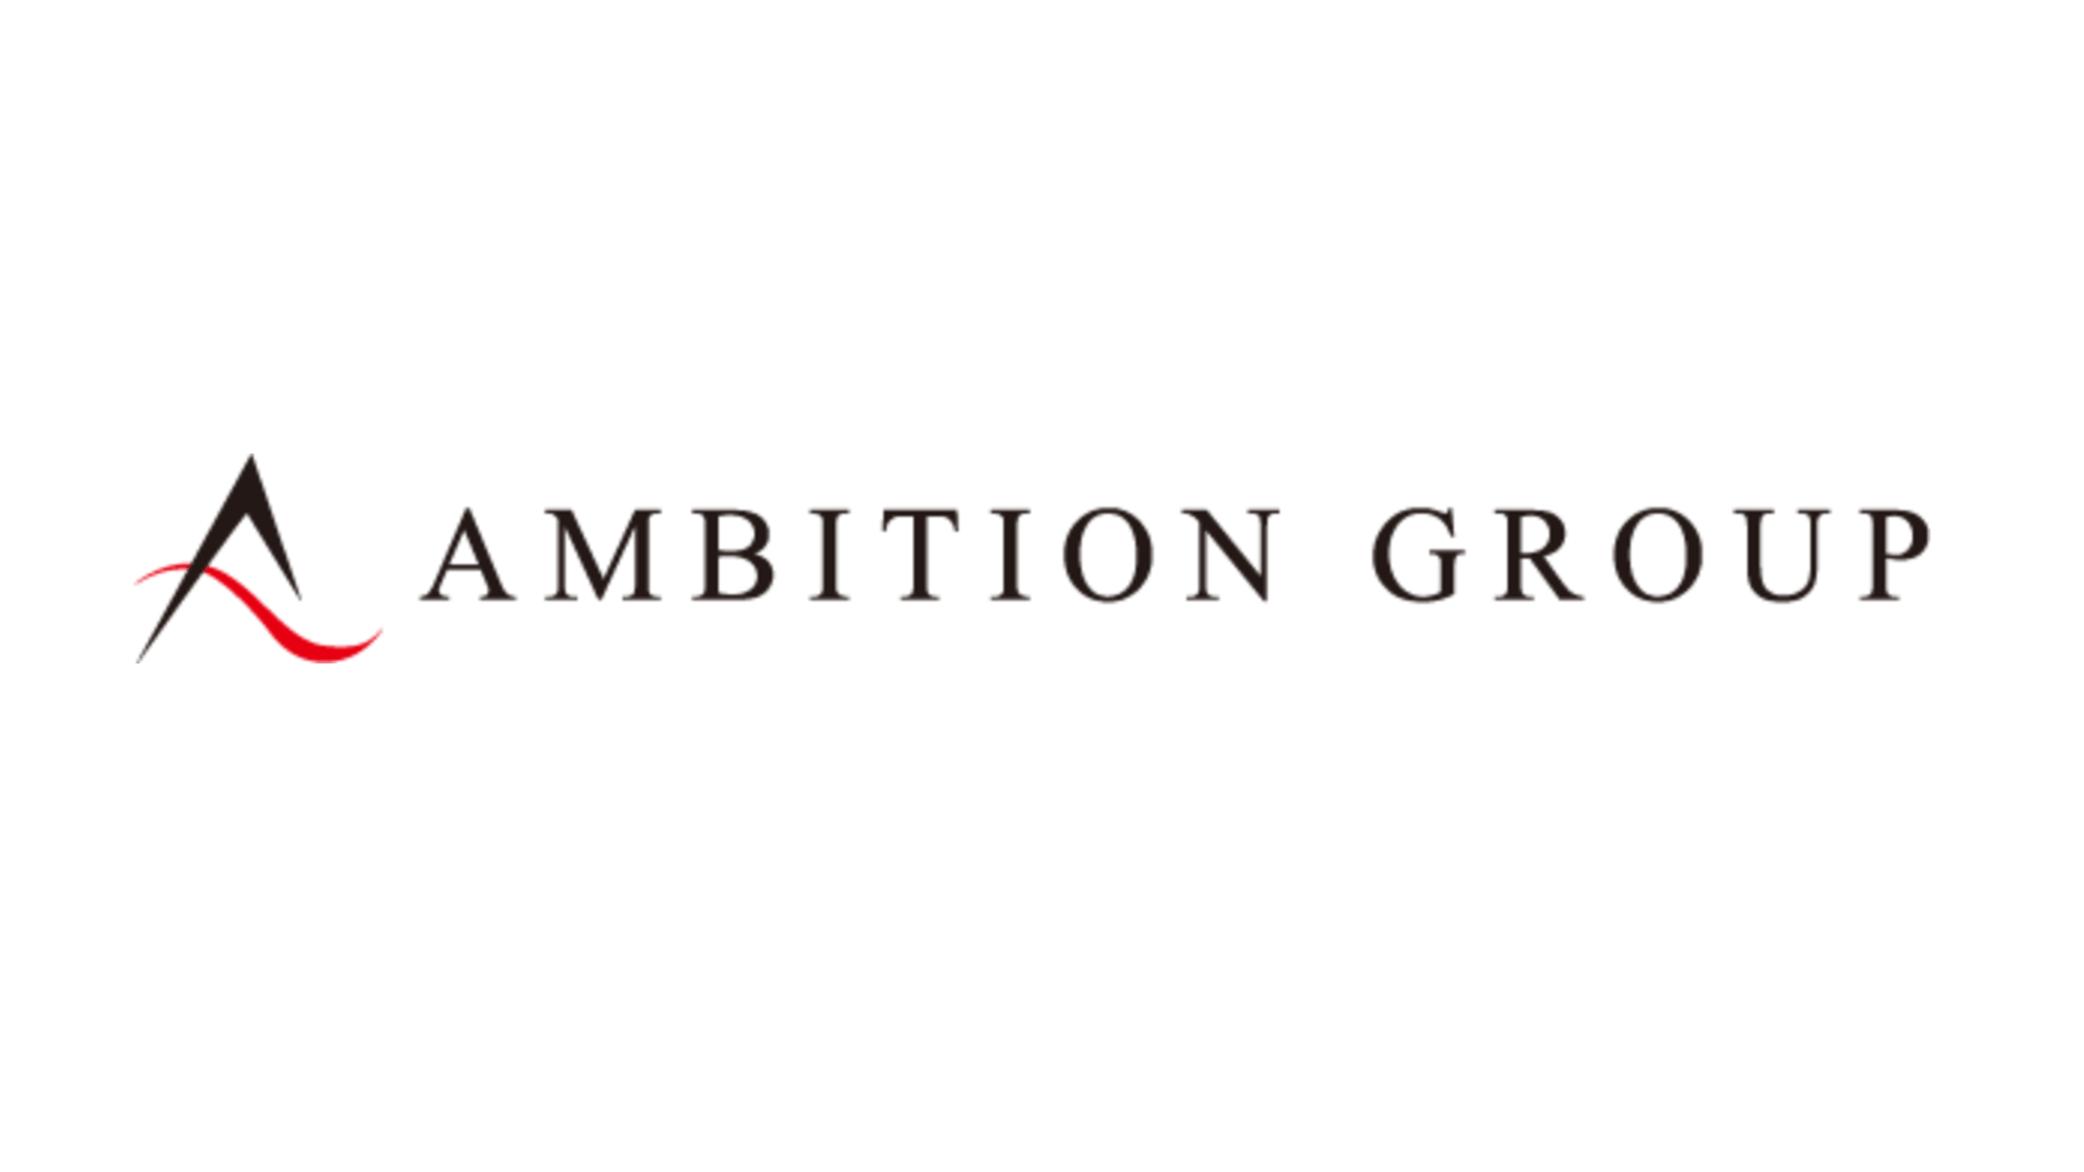 株式会社AMBITIONの決算/売上/経常利益を調べ、IR情報を徹底調査